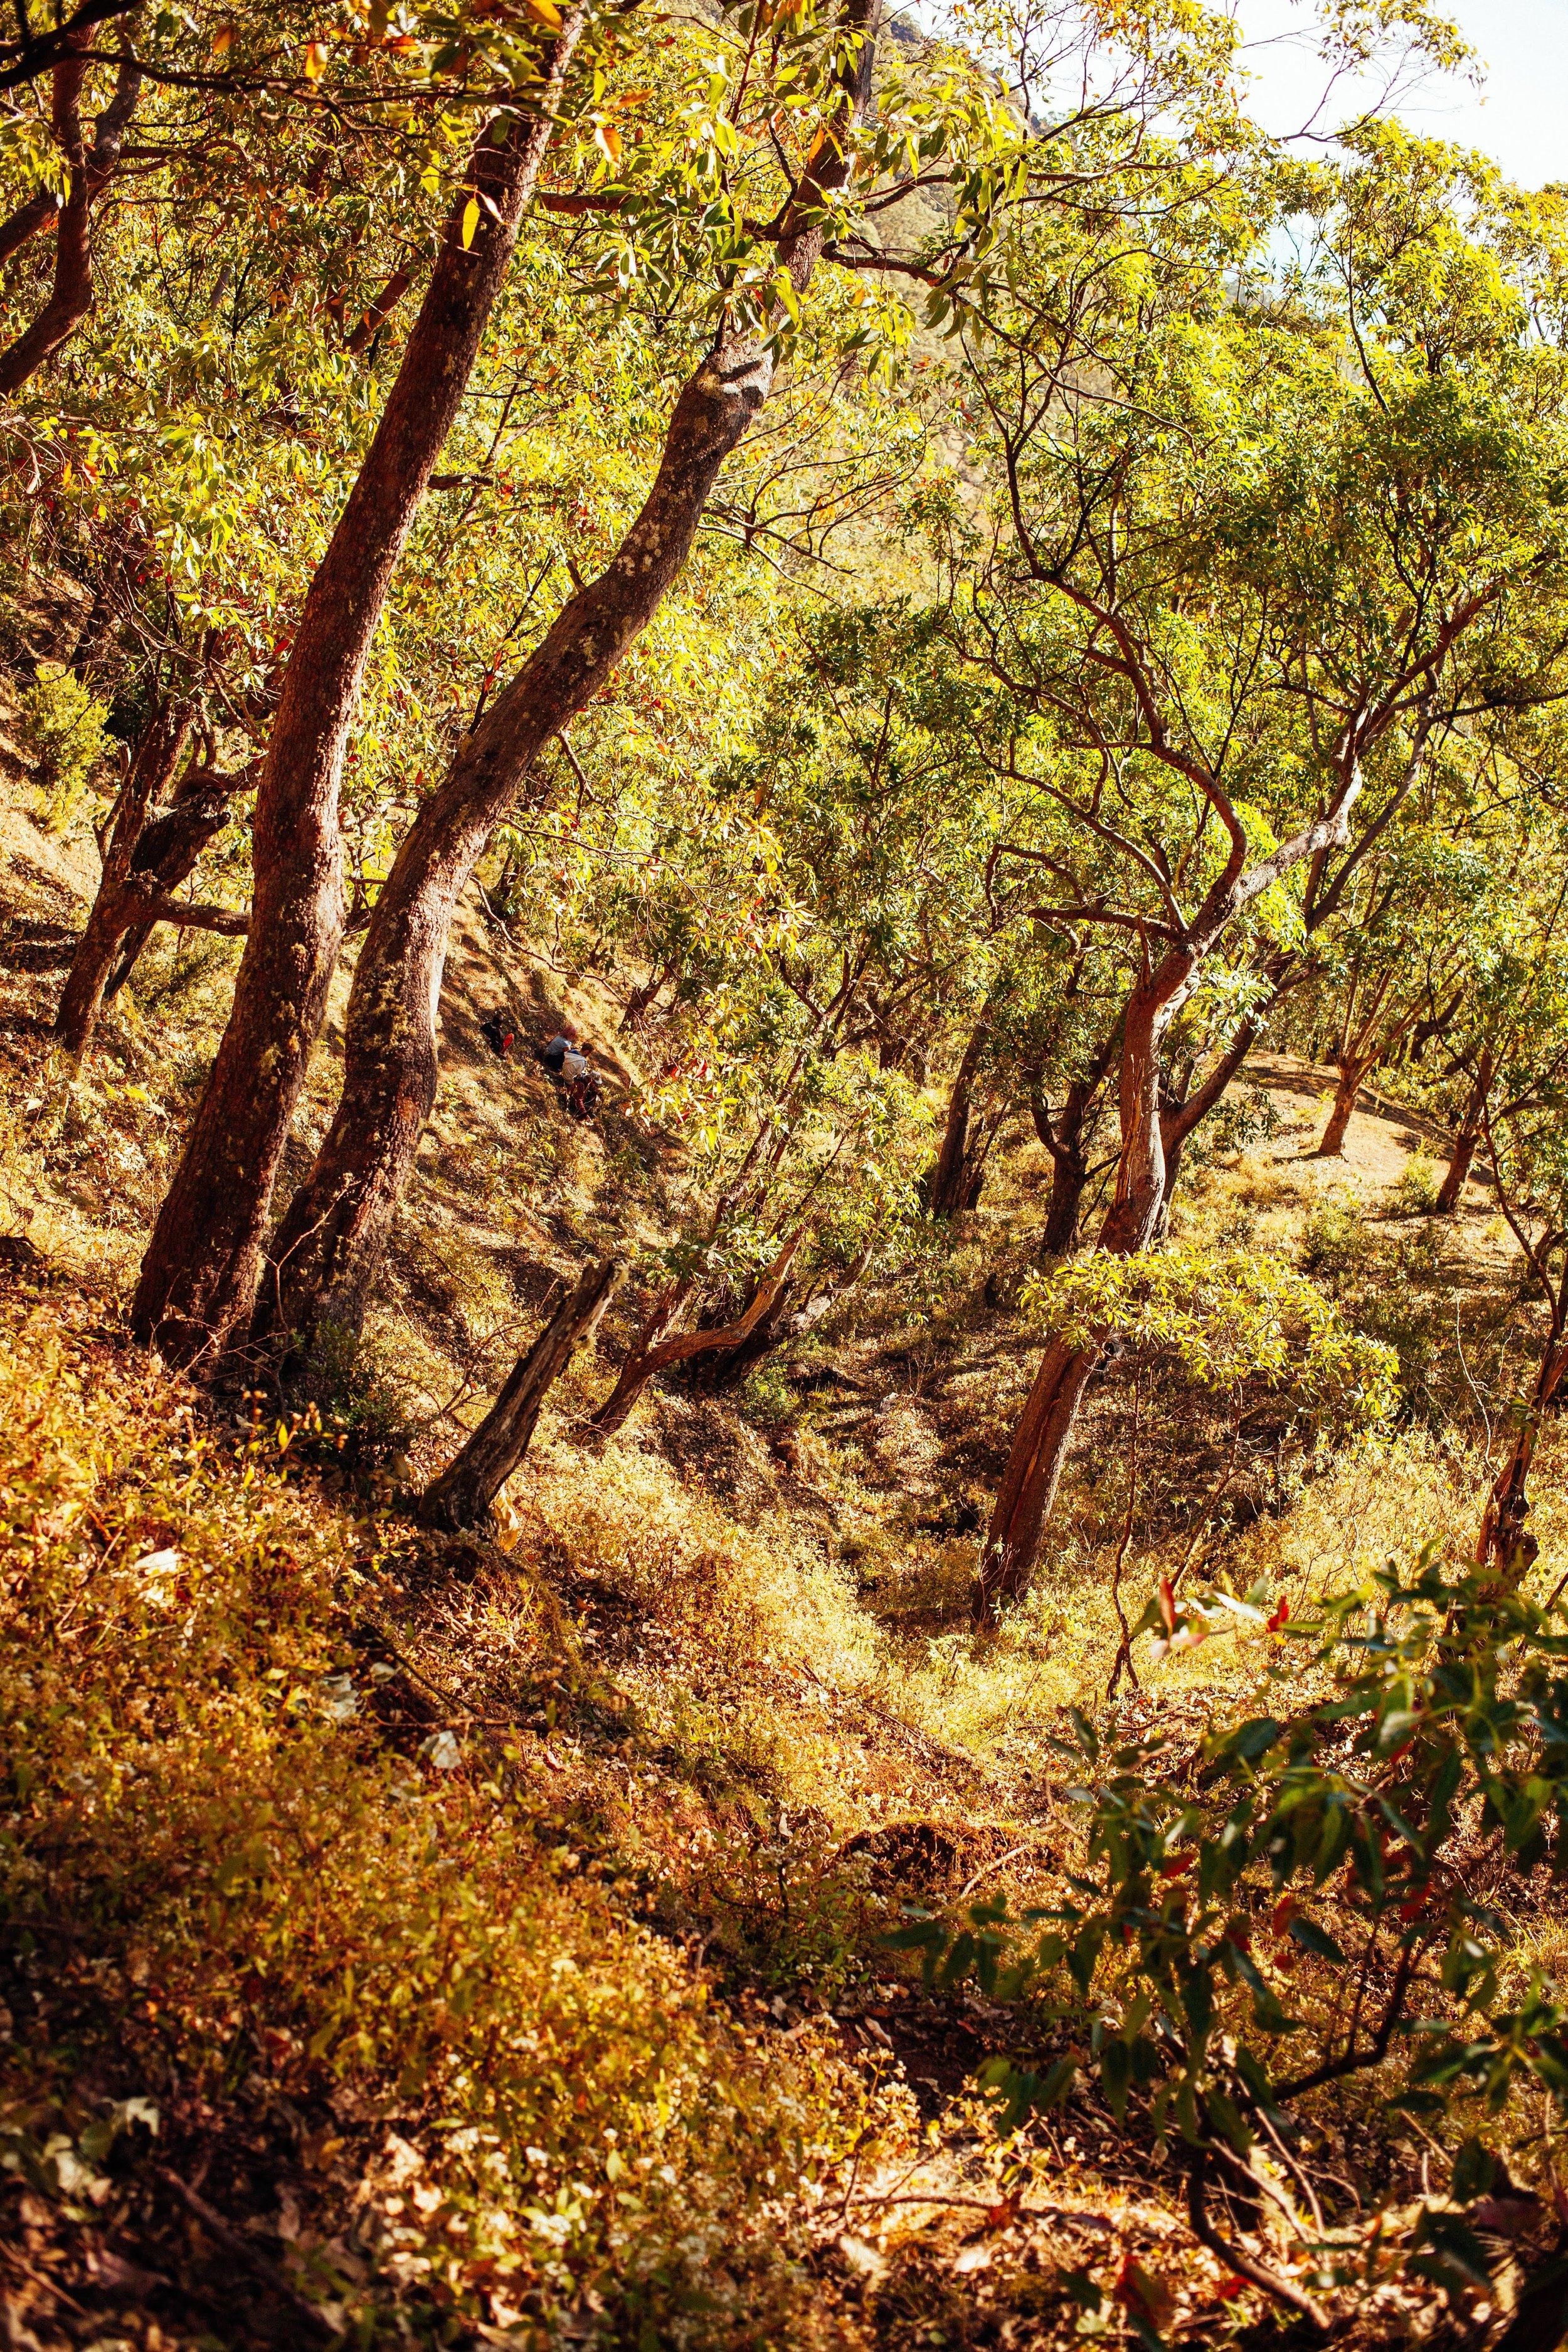 Timor_17-09-11_083.jpg